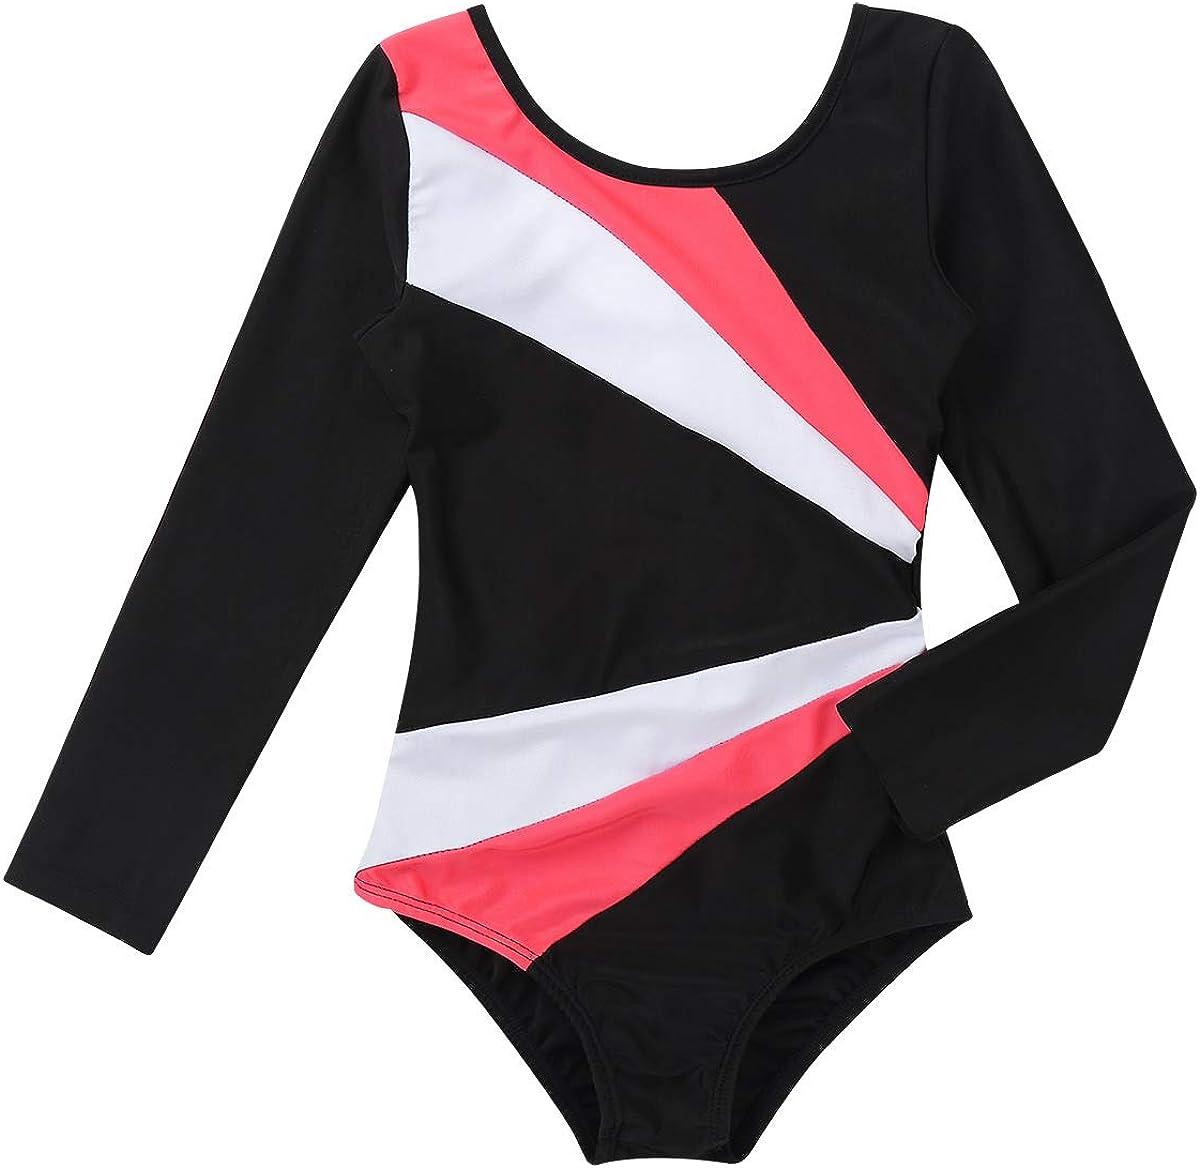 Yeahdor Justaucorps de Gymnastique Enfant Fille Body Danse Ballet Classique Combinaison /à Manche Longue Dos Creux Leotard de Sport Patinage Yoga 3-14 Ans